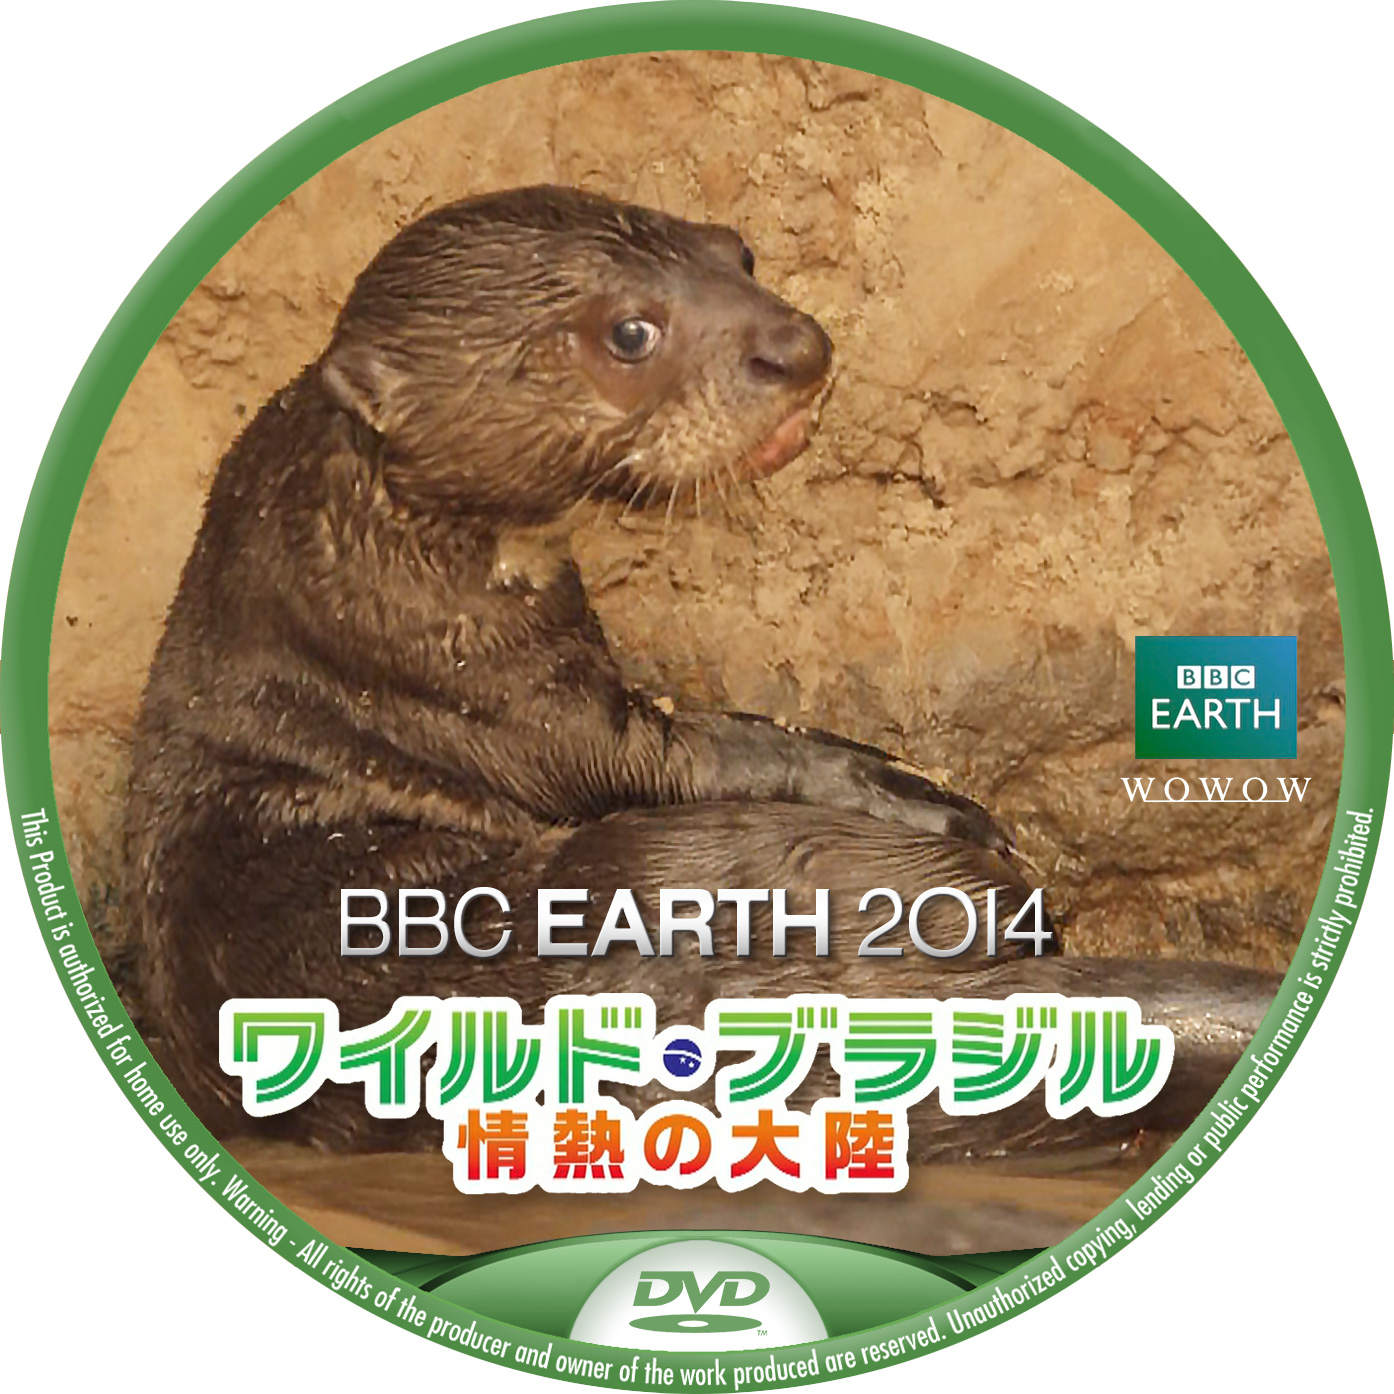 BBC2014  WOWOW ワイルドブラジル オオカワウソ DVDラベル